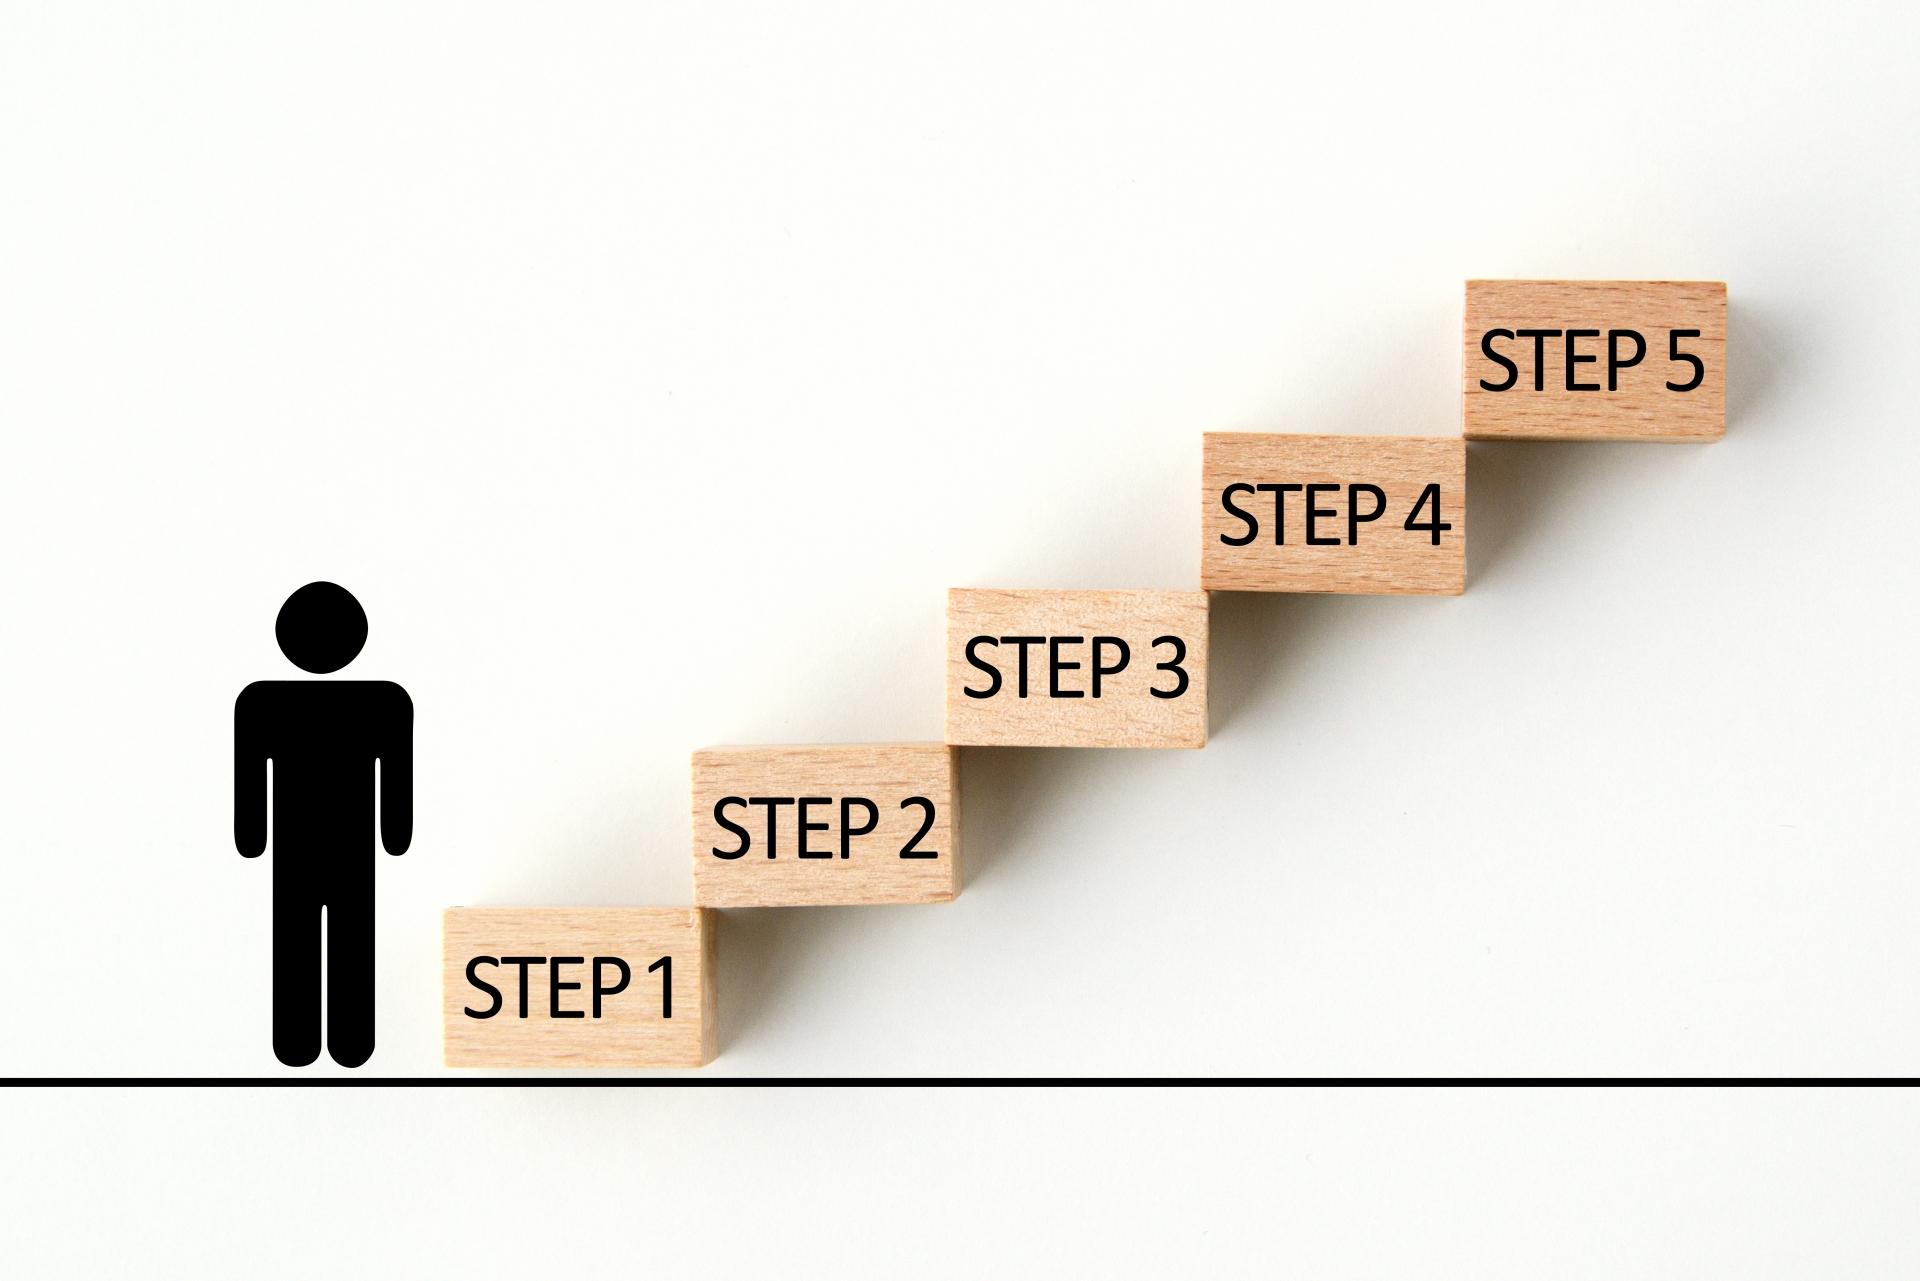 営業マネージャーが抑えておくべきソリューション営業7つの鉄則_ステップ